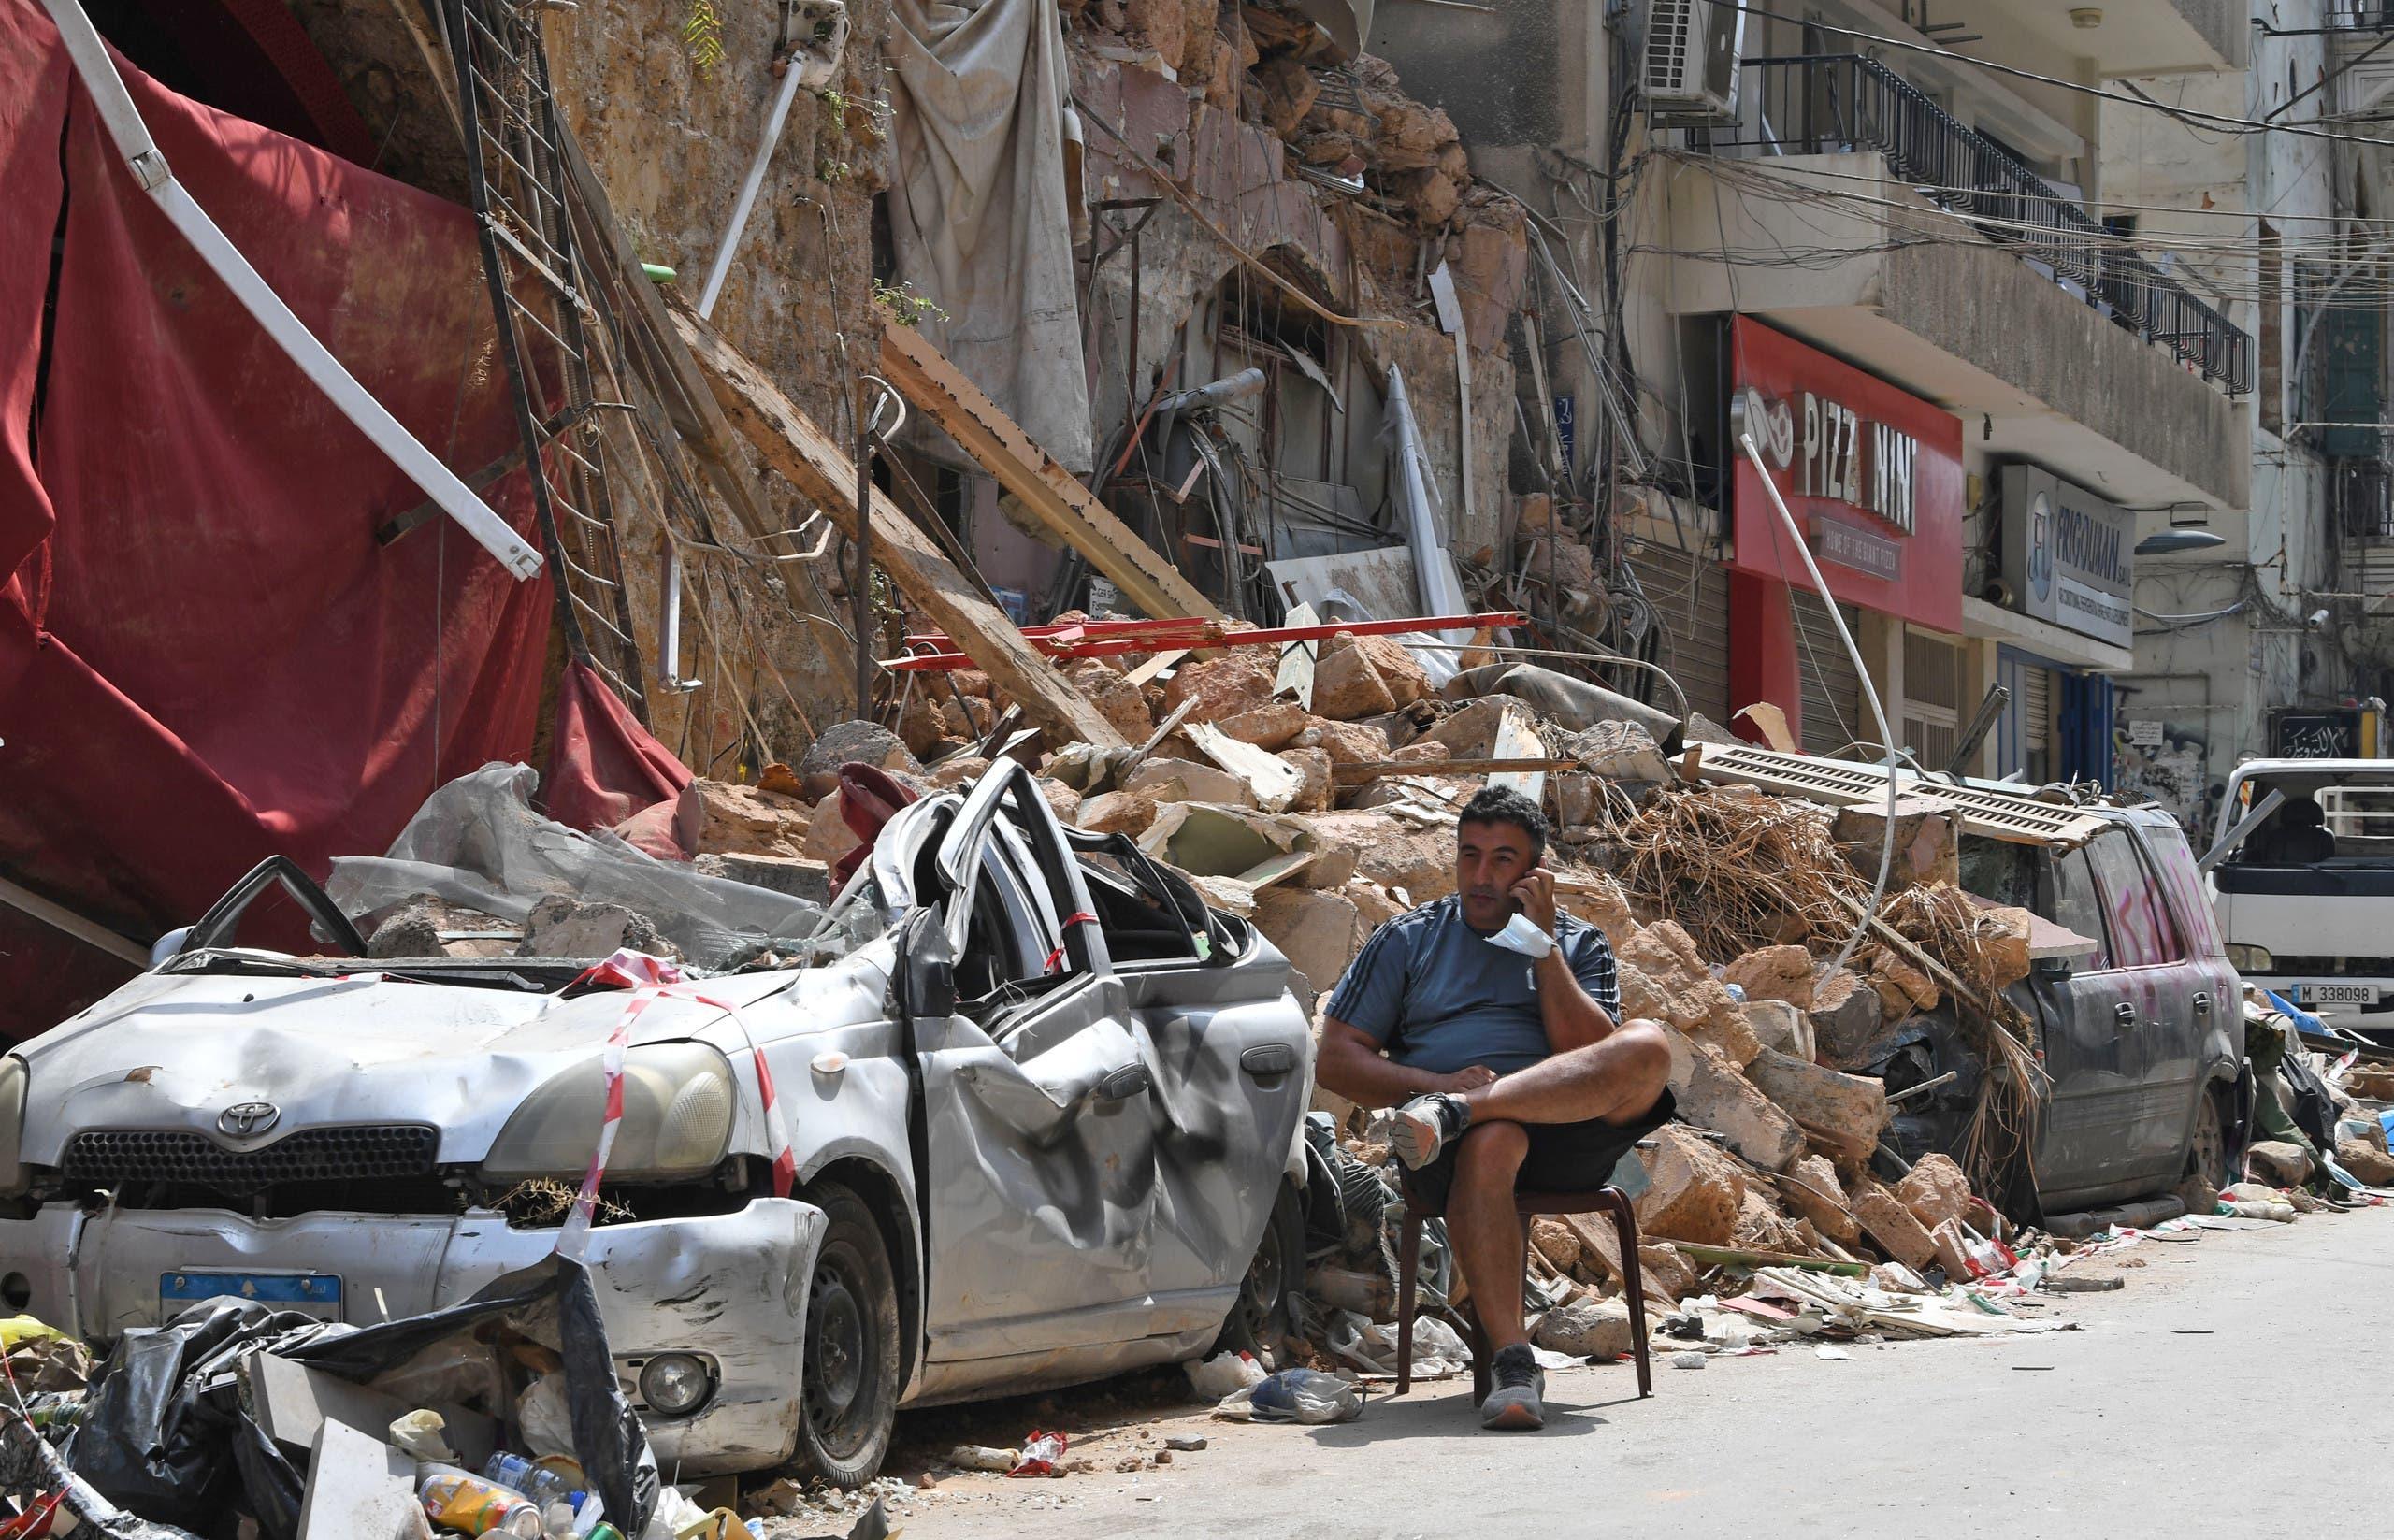 الدمار في المناطق السكنية المحيطة بالمرفأ